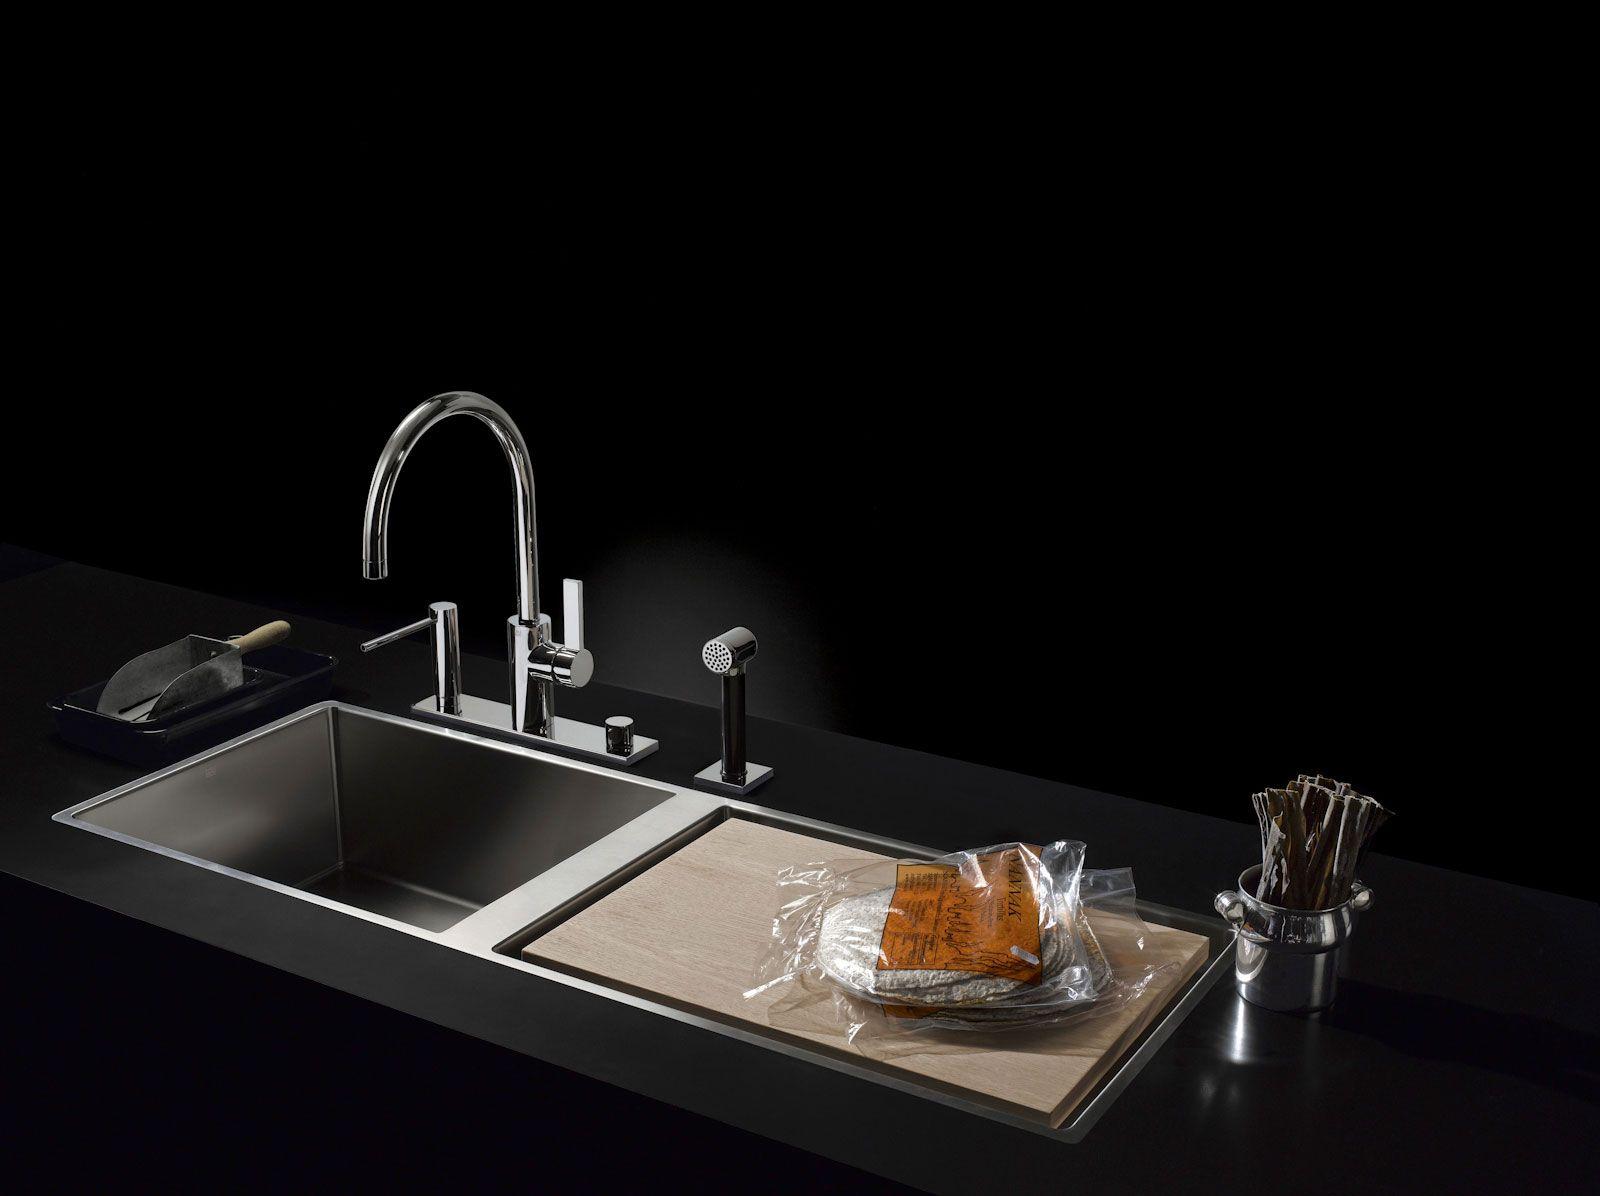 Water units water zones kitchen dornbracht